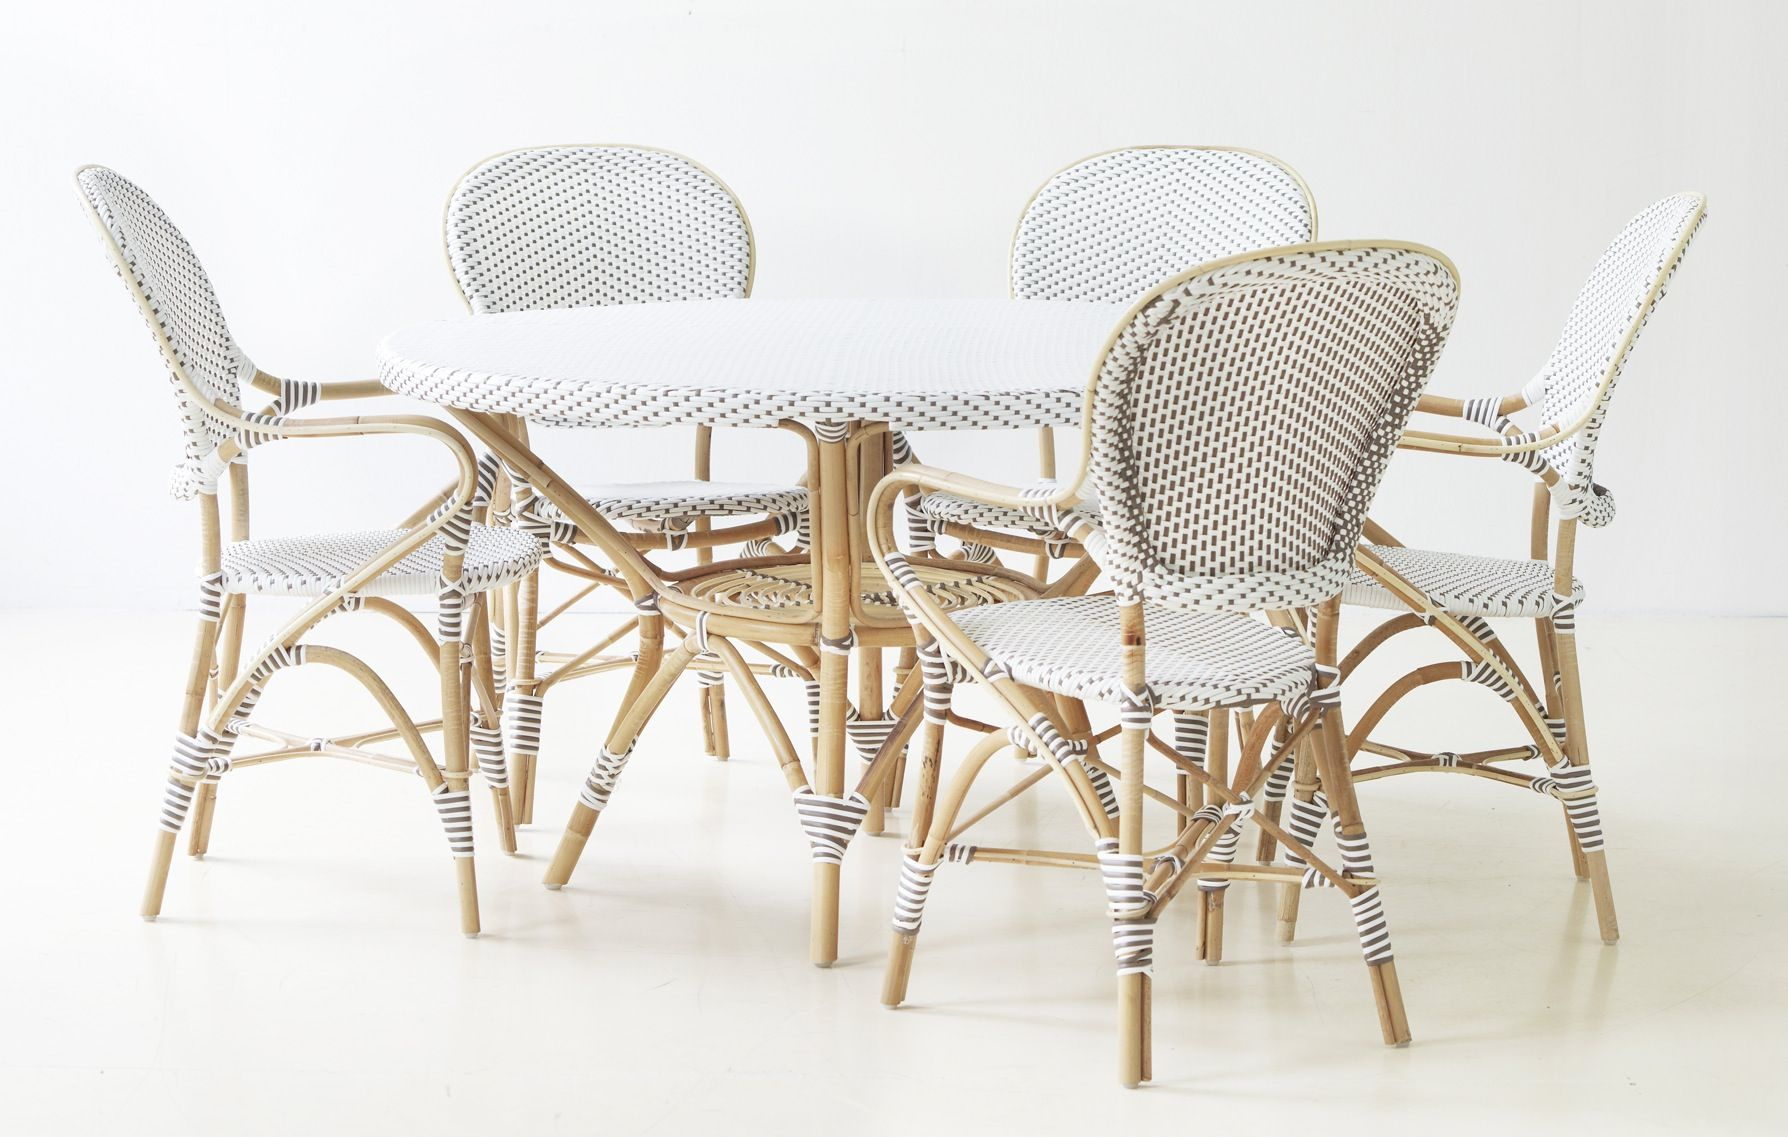 Sika-Design - Isabell cafestol m. Armlæn - Isabell cafestol m. armlæn - Hvid